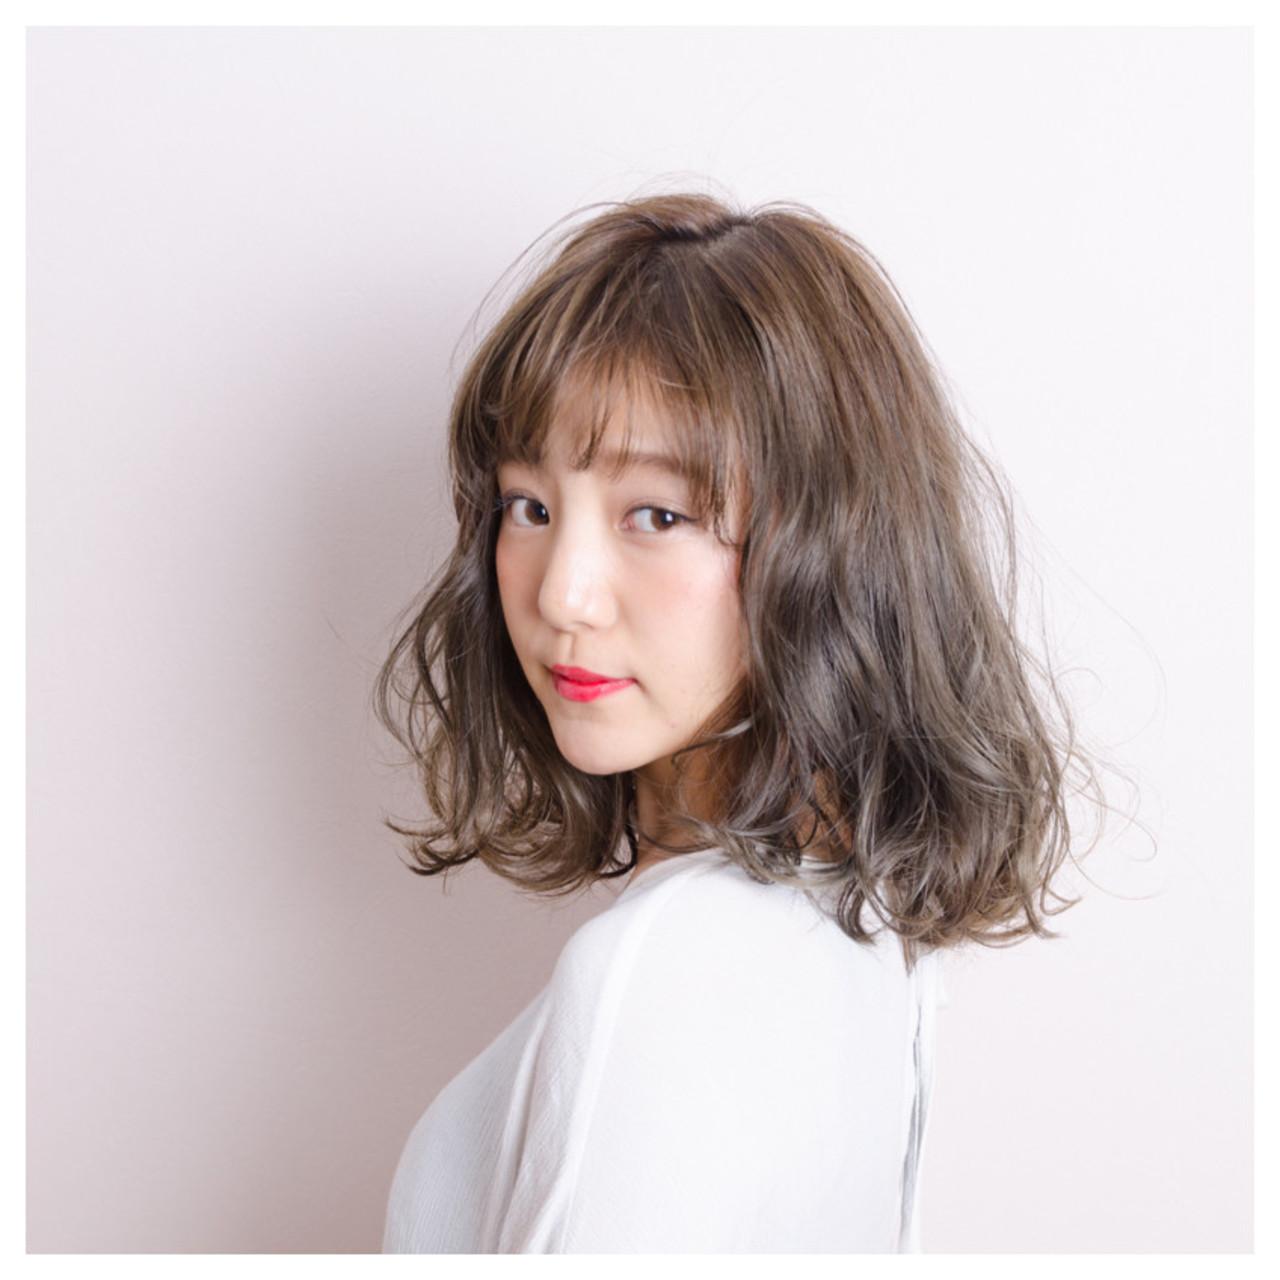 ザクザクがおしゃれ♡「シースルーバング」「ザクザクバング」でサクッとイメチェン☆ muchun.